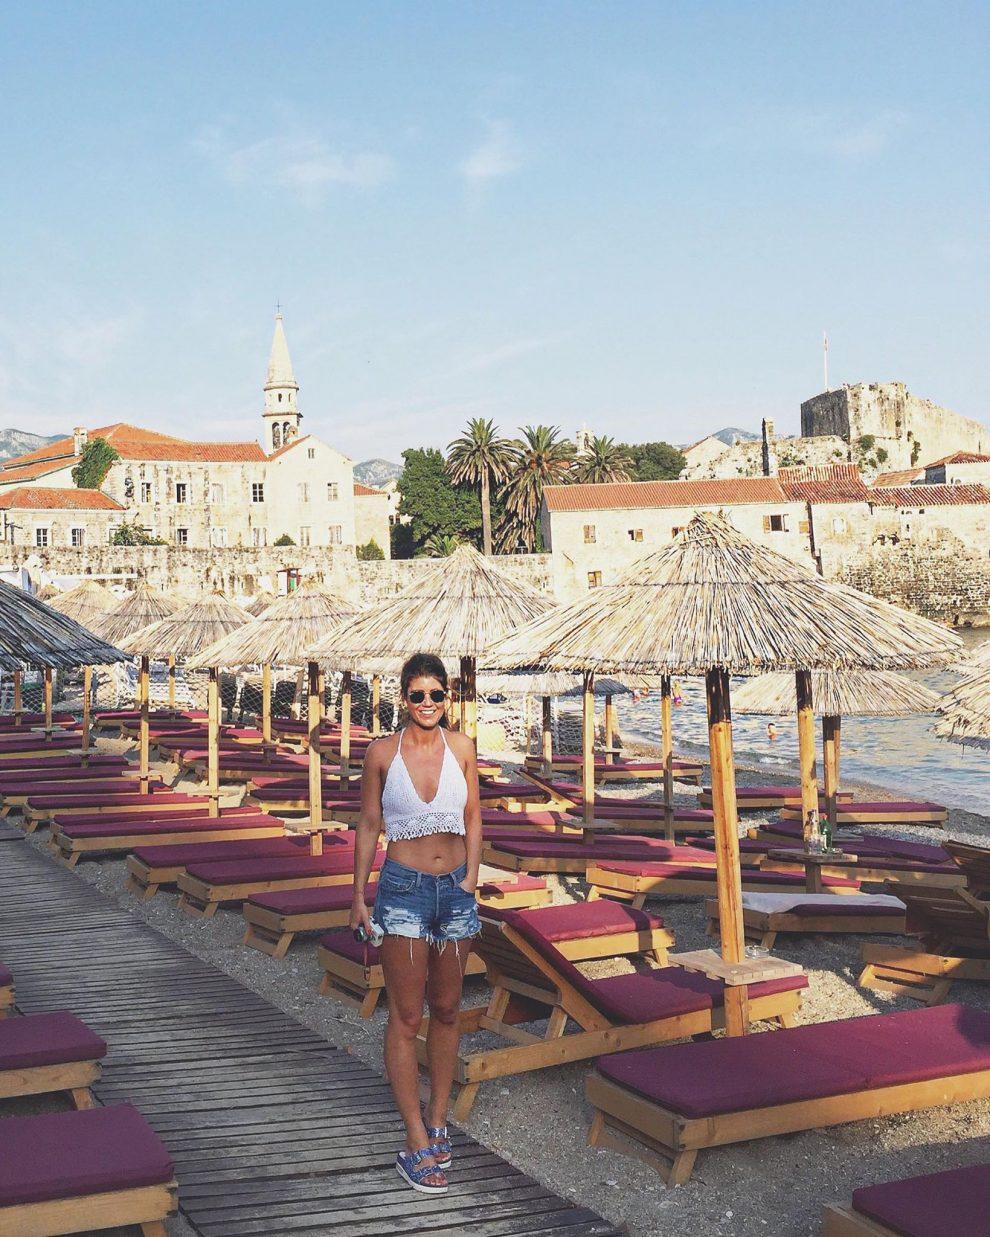 Budva Montenegro is de bekendste badplaats, maar ook erg toeristisch. Roadtrip door Montenegro